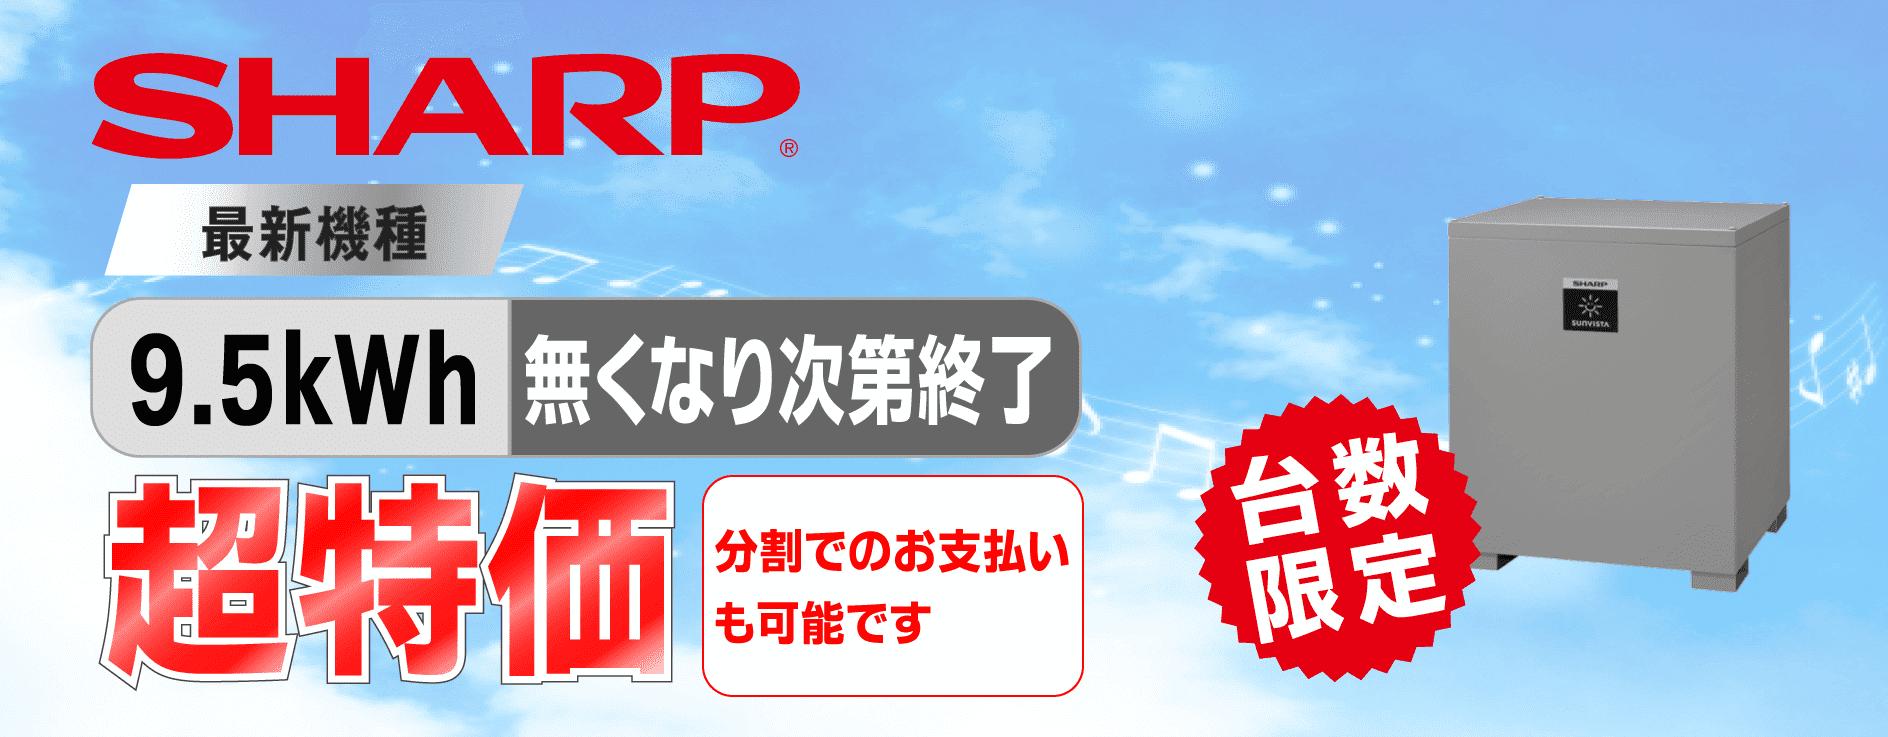 シャープ9.5Wh台数限定